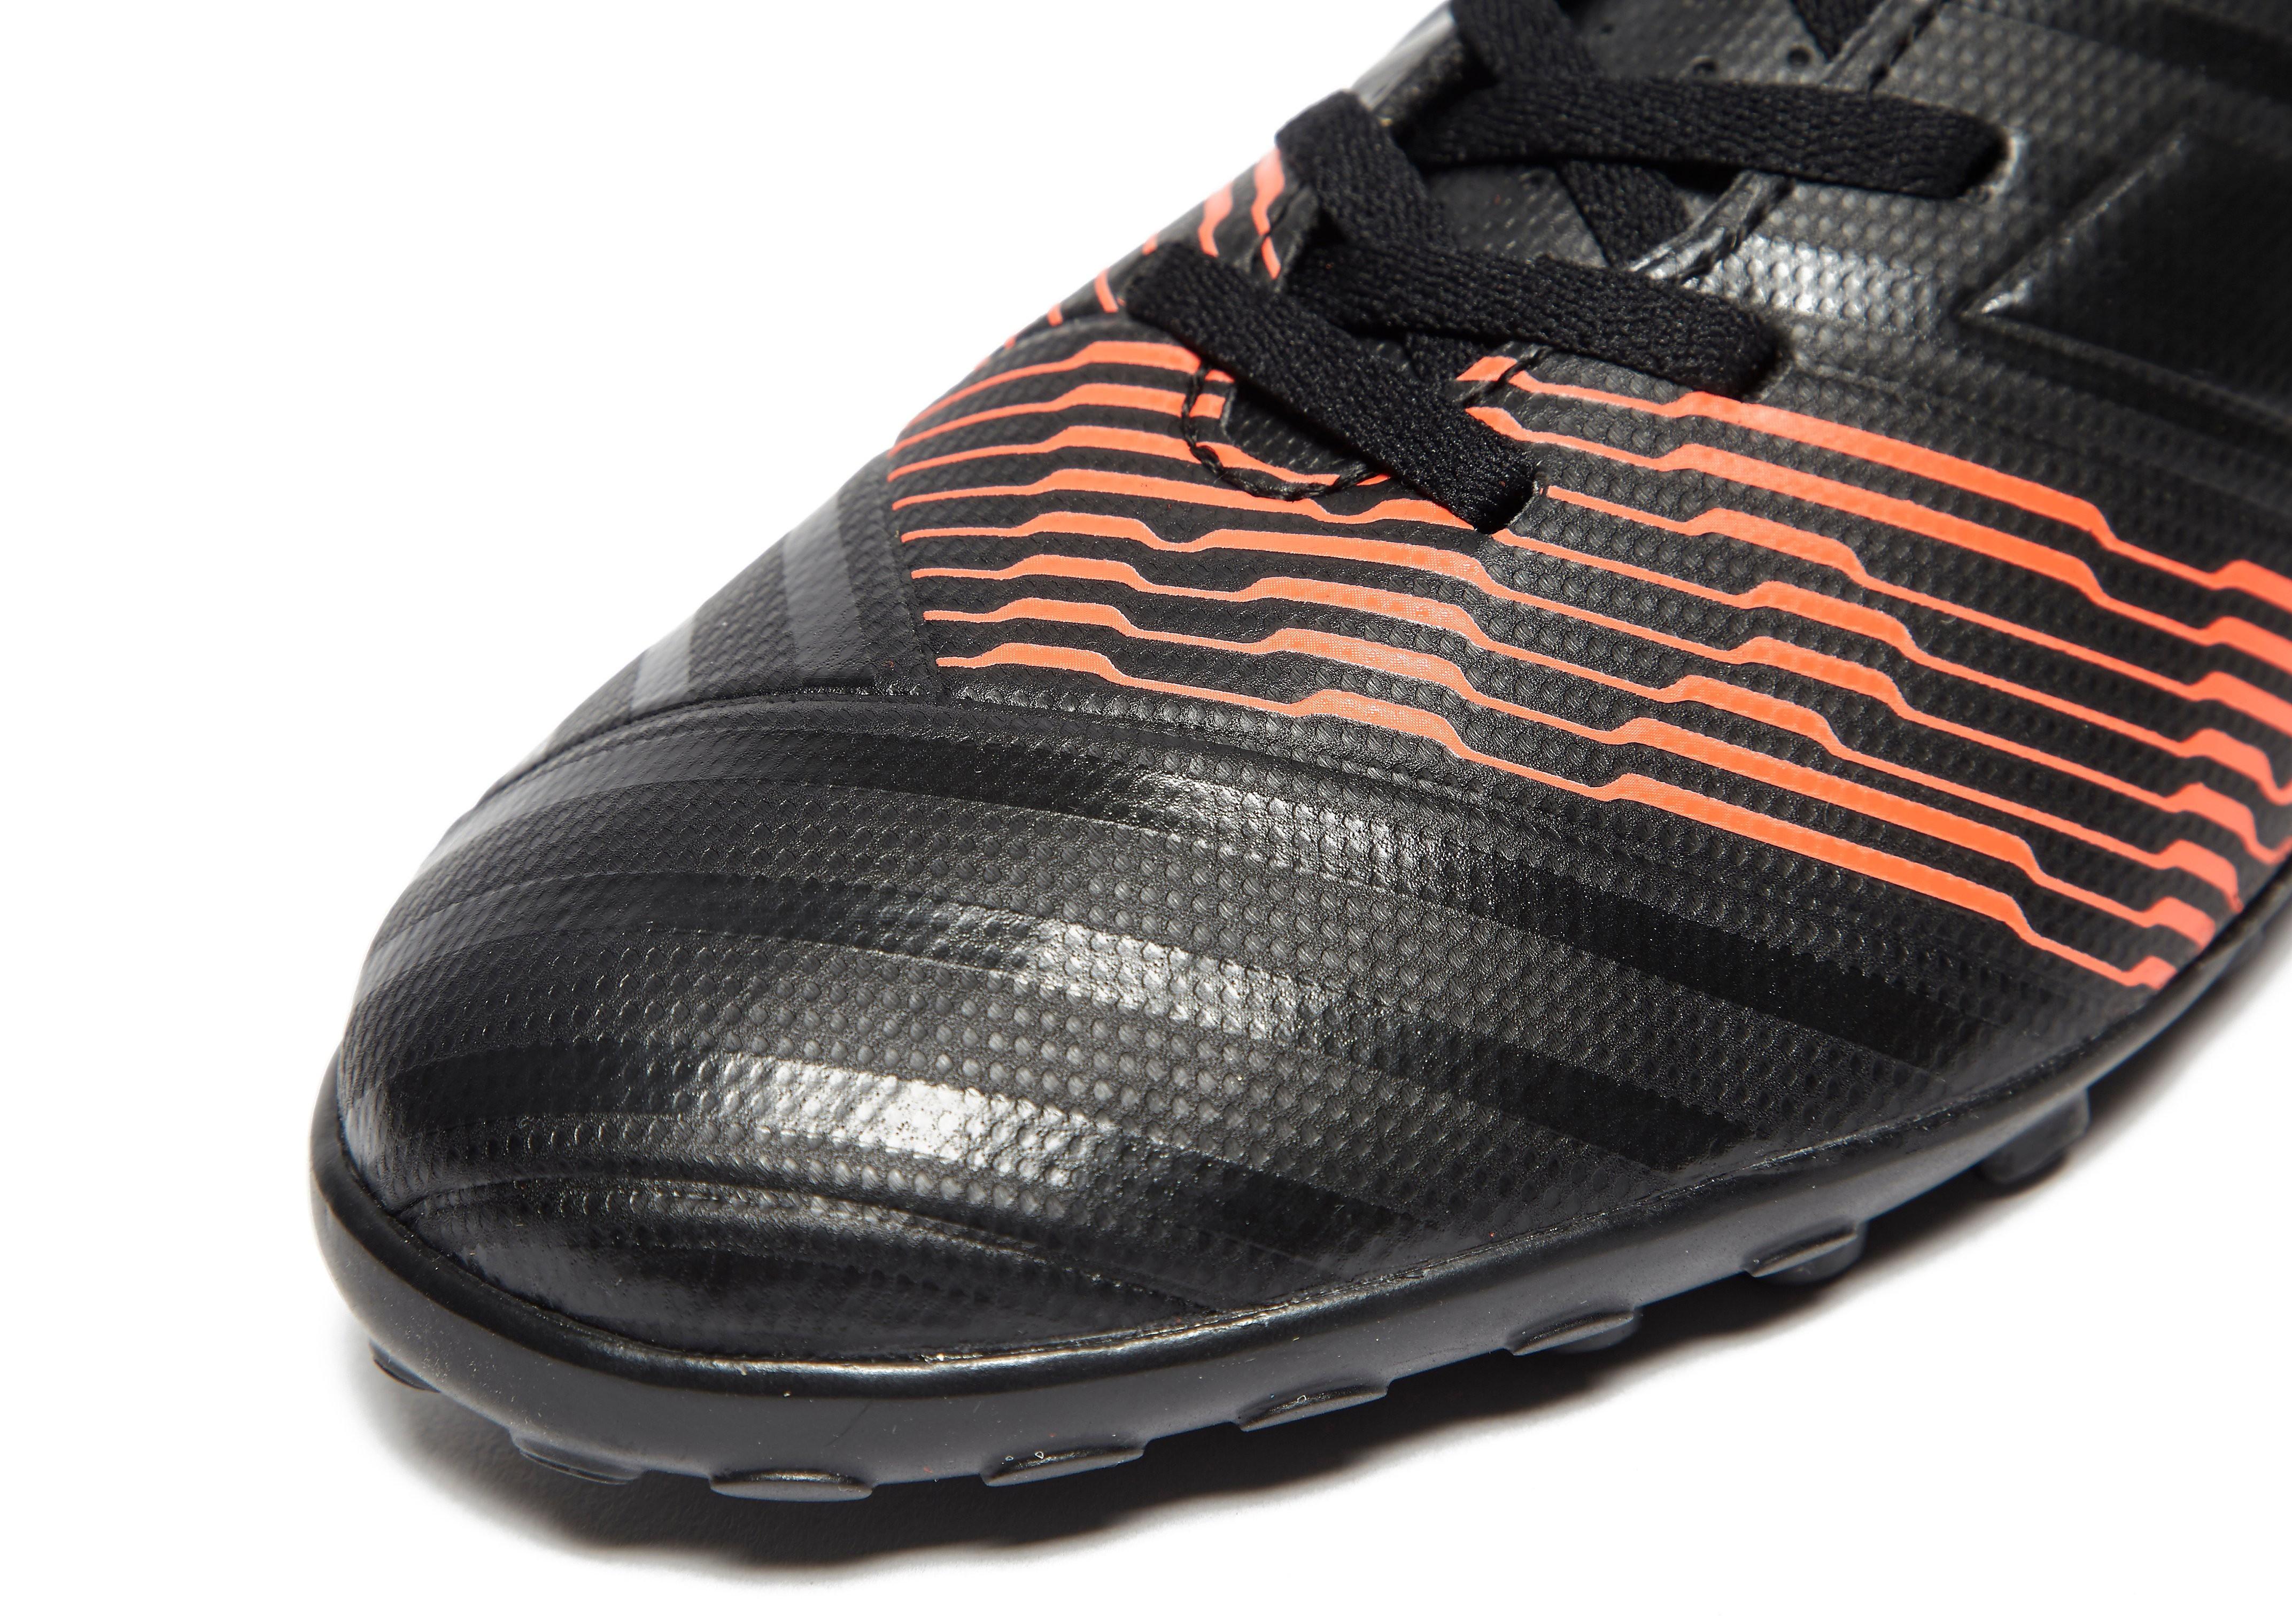 adidas SkyStalker Nemeziz 17.4 TF